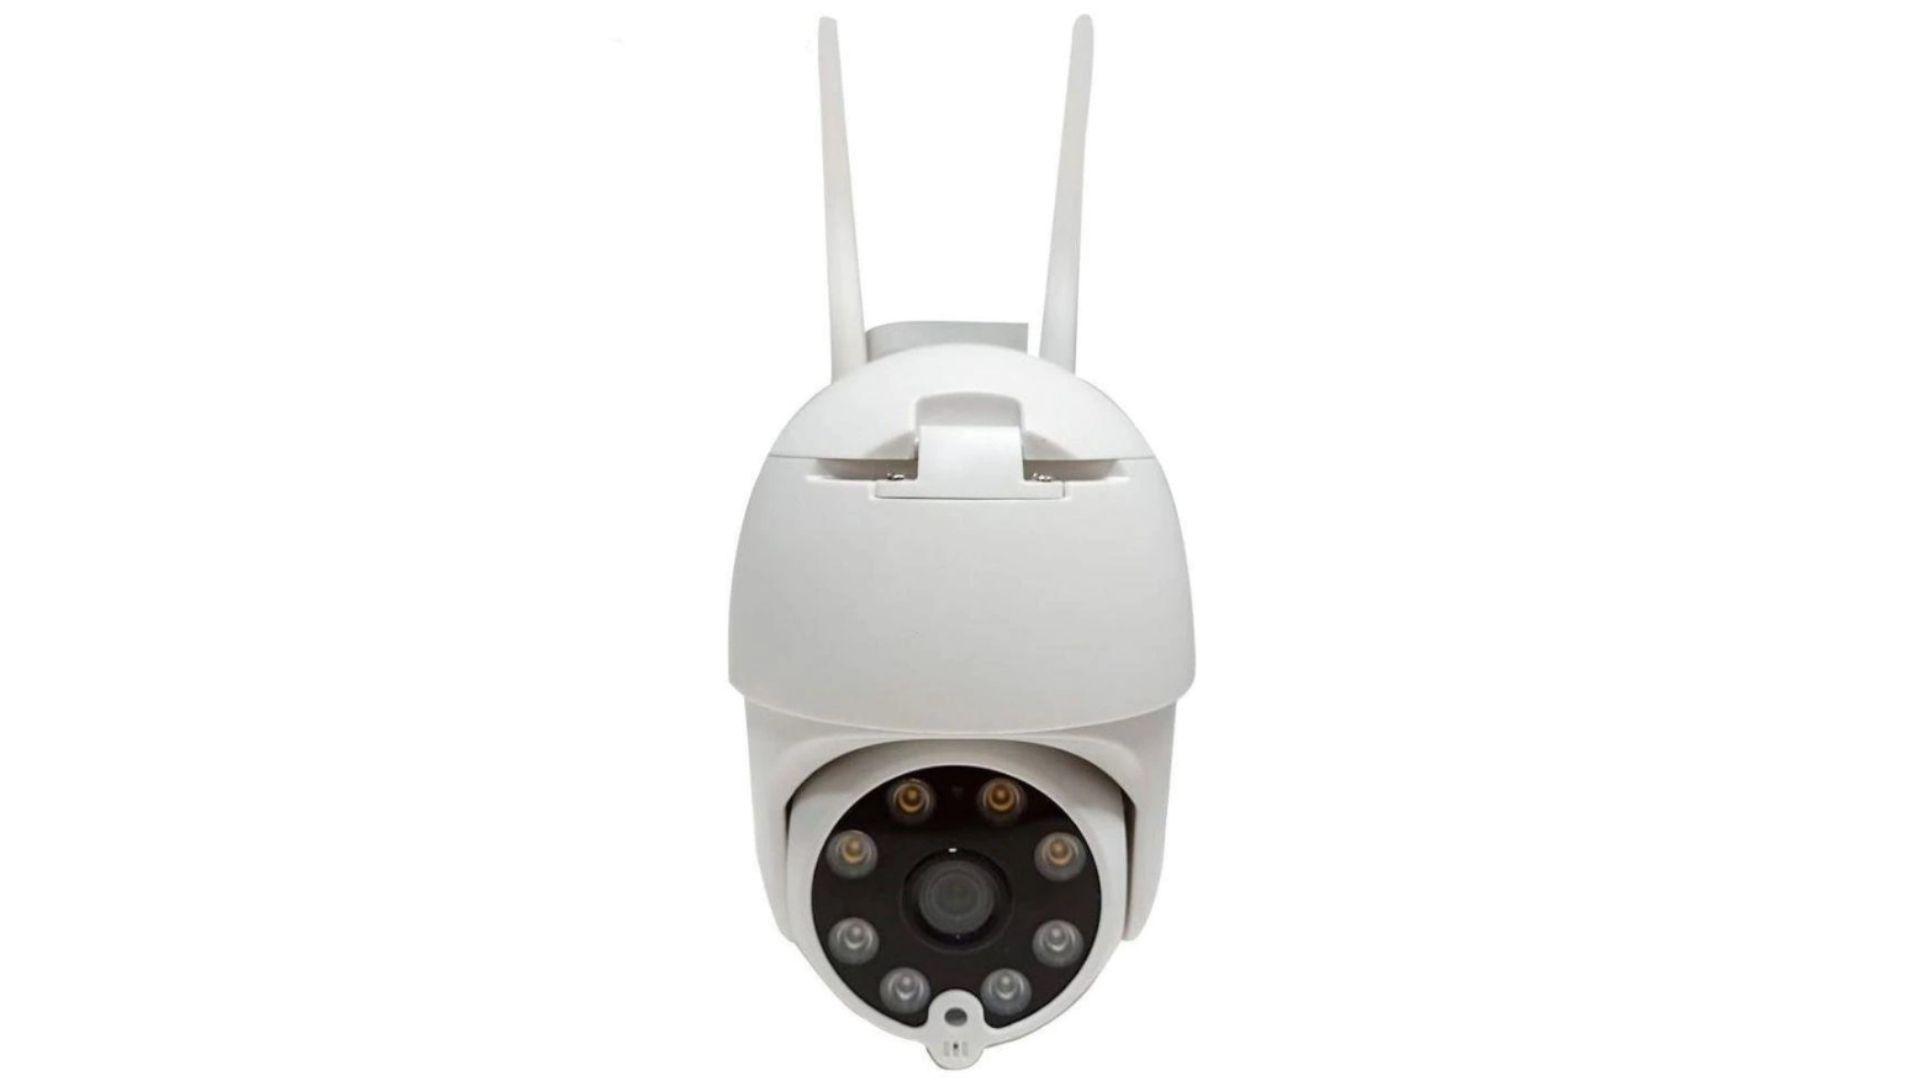 Confita detalhes sobre a câmera Ip Wi-Fi Externa Ptz (Foto: Divulgação)